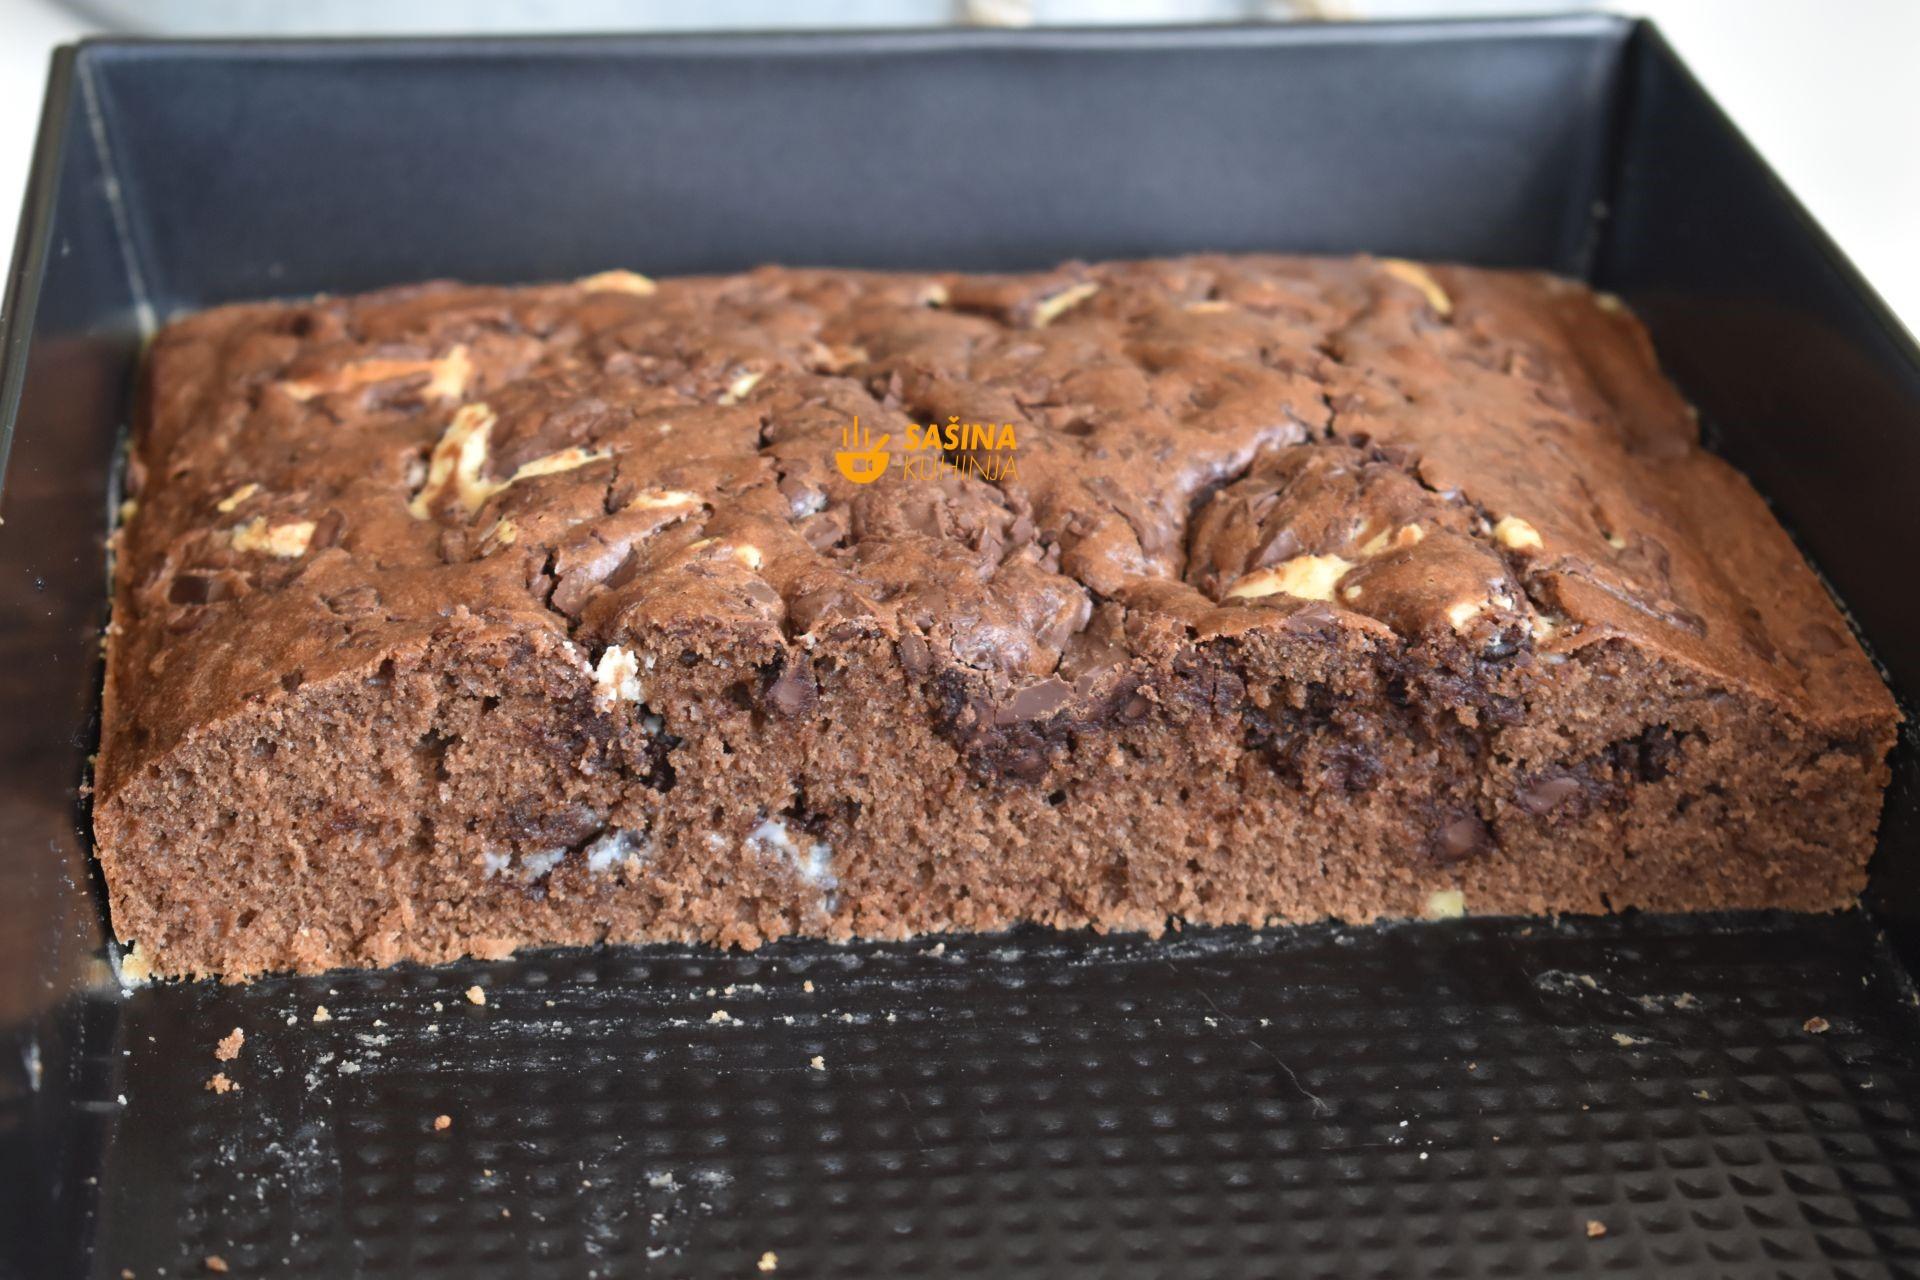 brzi čokoladni kolač veliki mafin